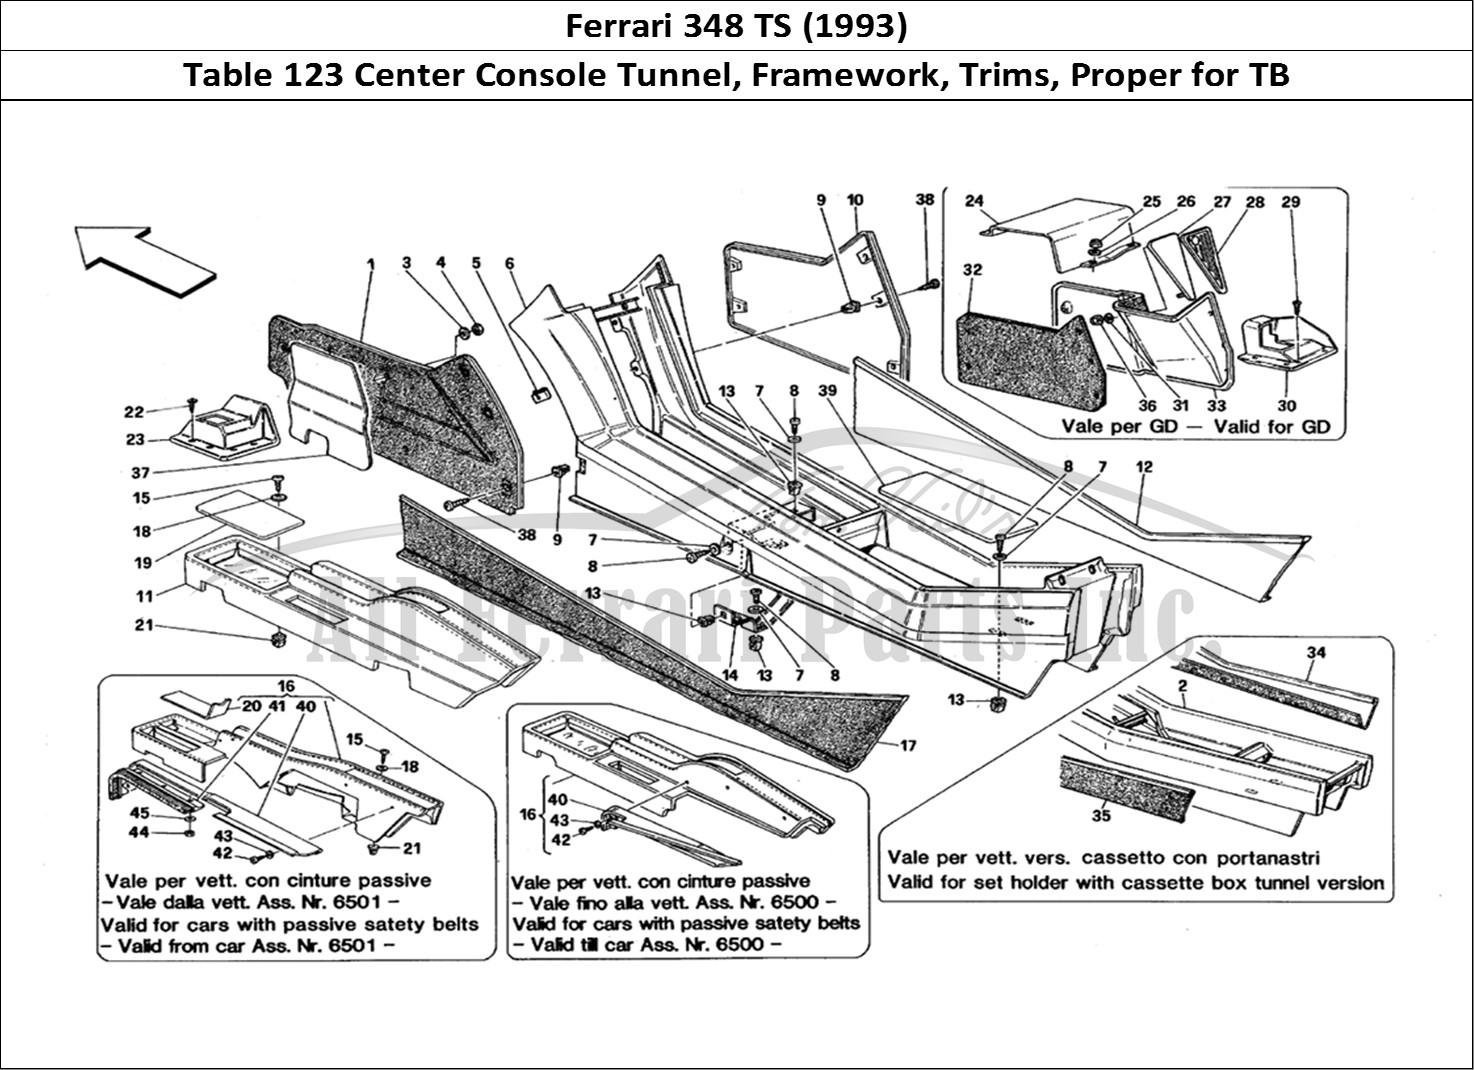 Buy Original Ferrari 348 Ts 123 Center Console